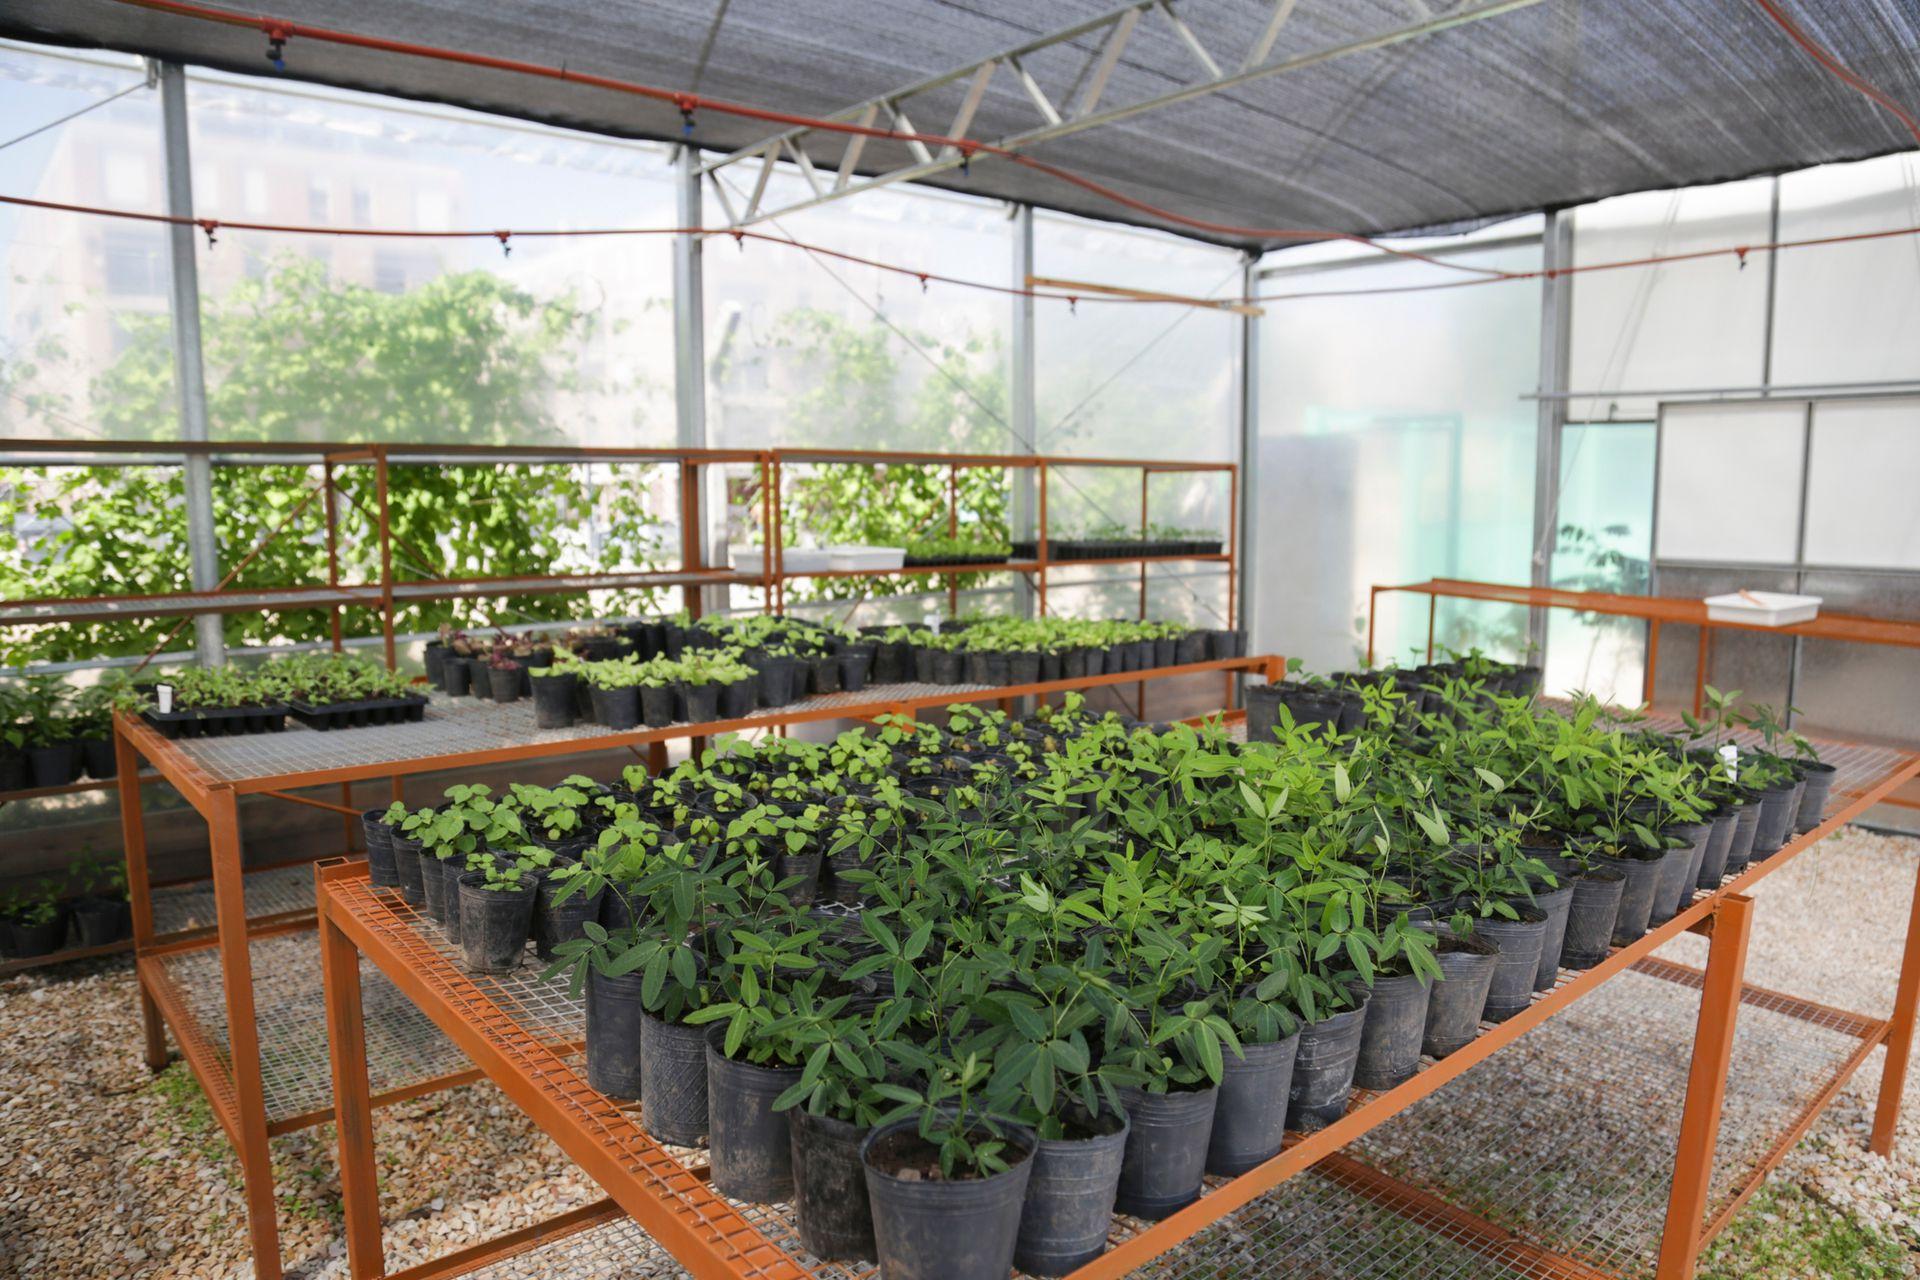 En el invernadero se cultivan especies de árboles nativos que luego serán utilizados en la vía pública